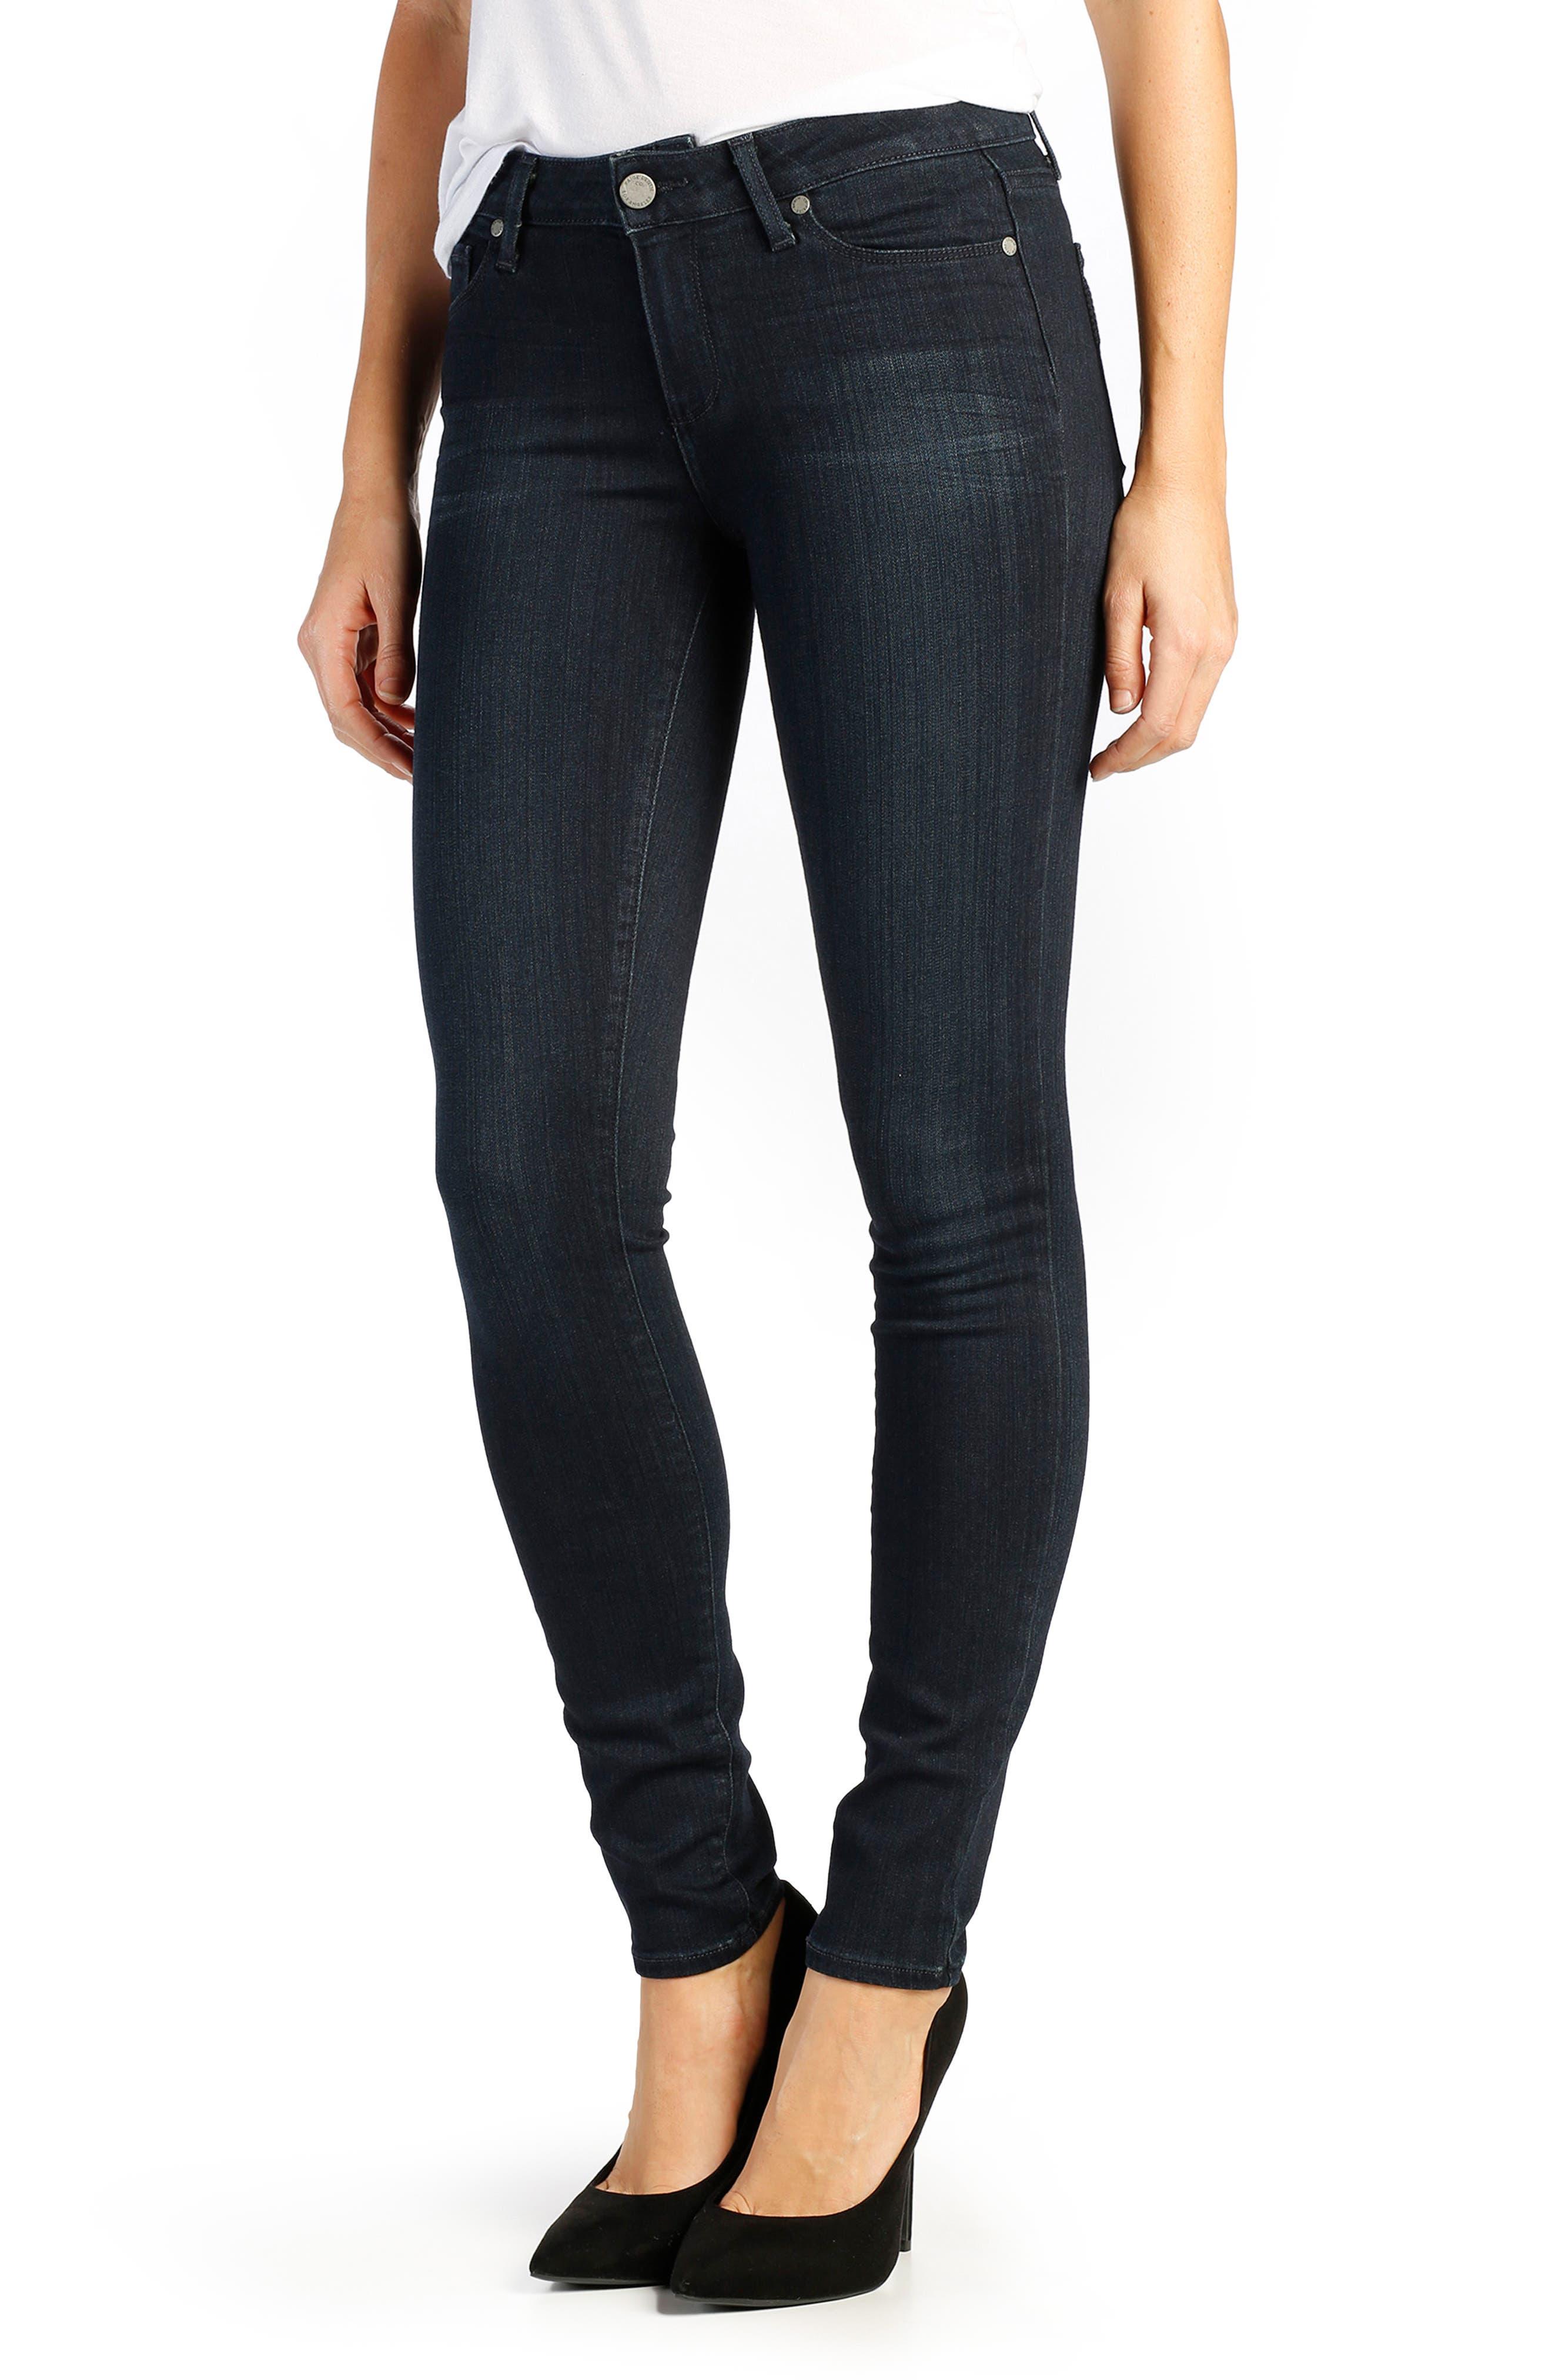 Transcend - Verdugo Ultra Skinny Jeans,                             Main thumbnail 1, color,                             TONAL MONA